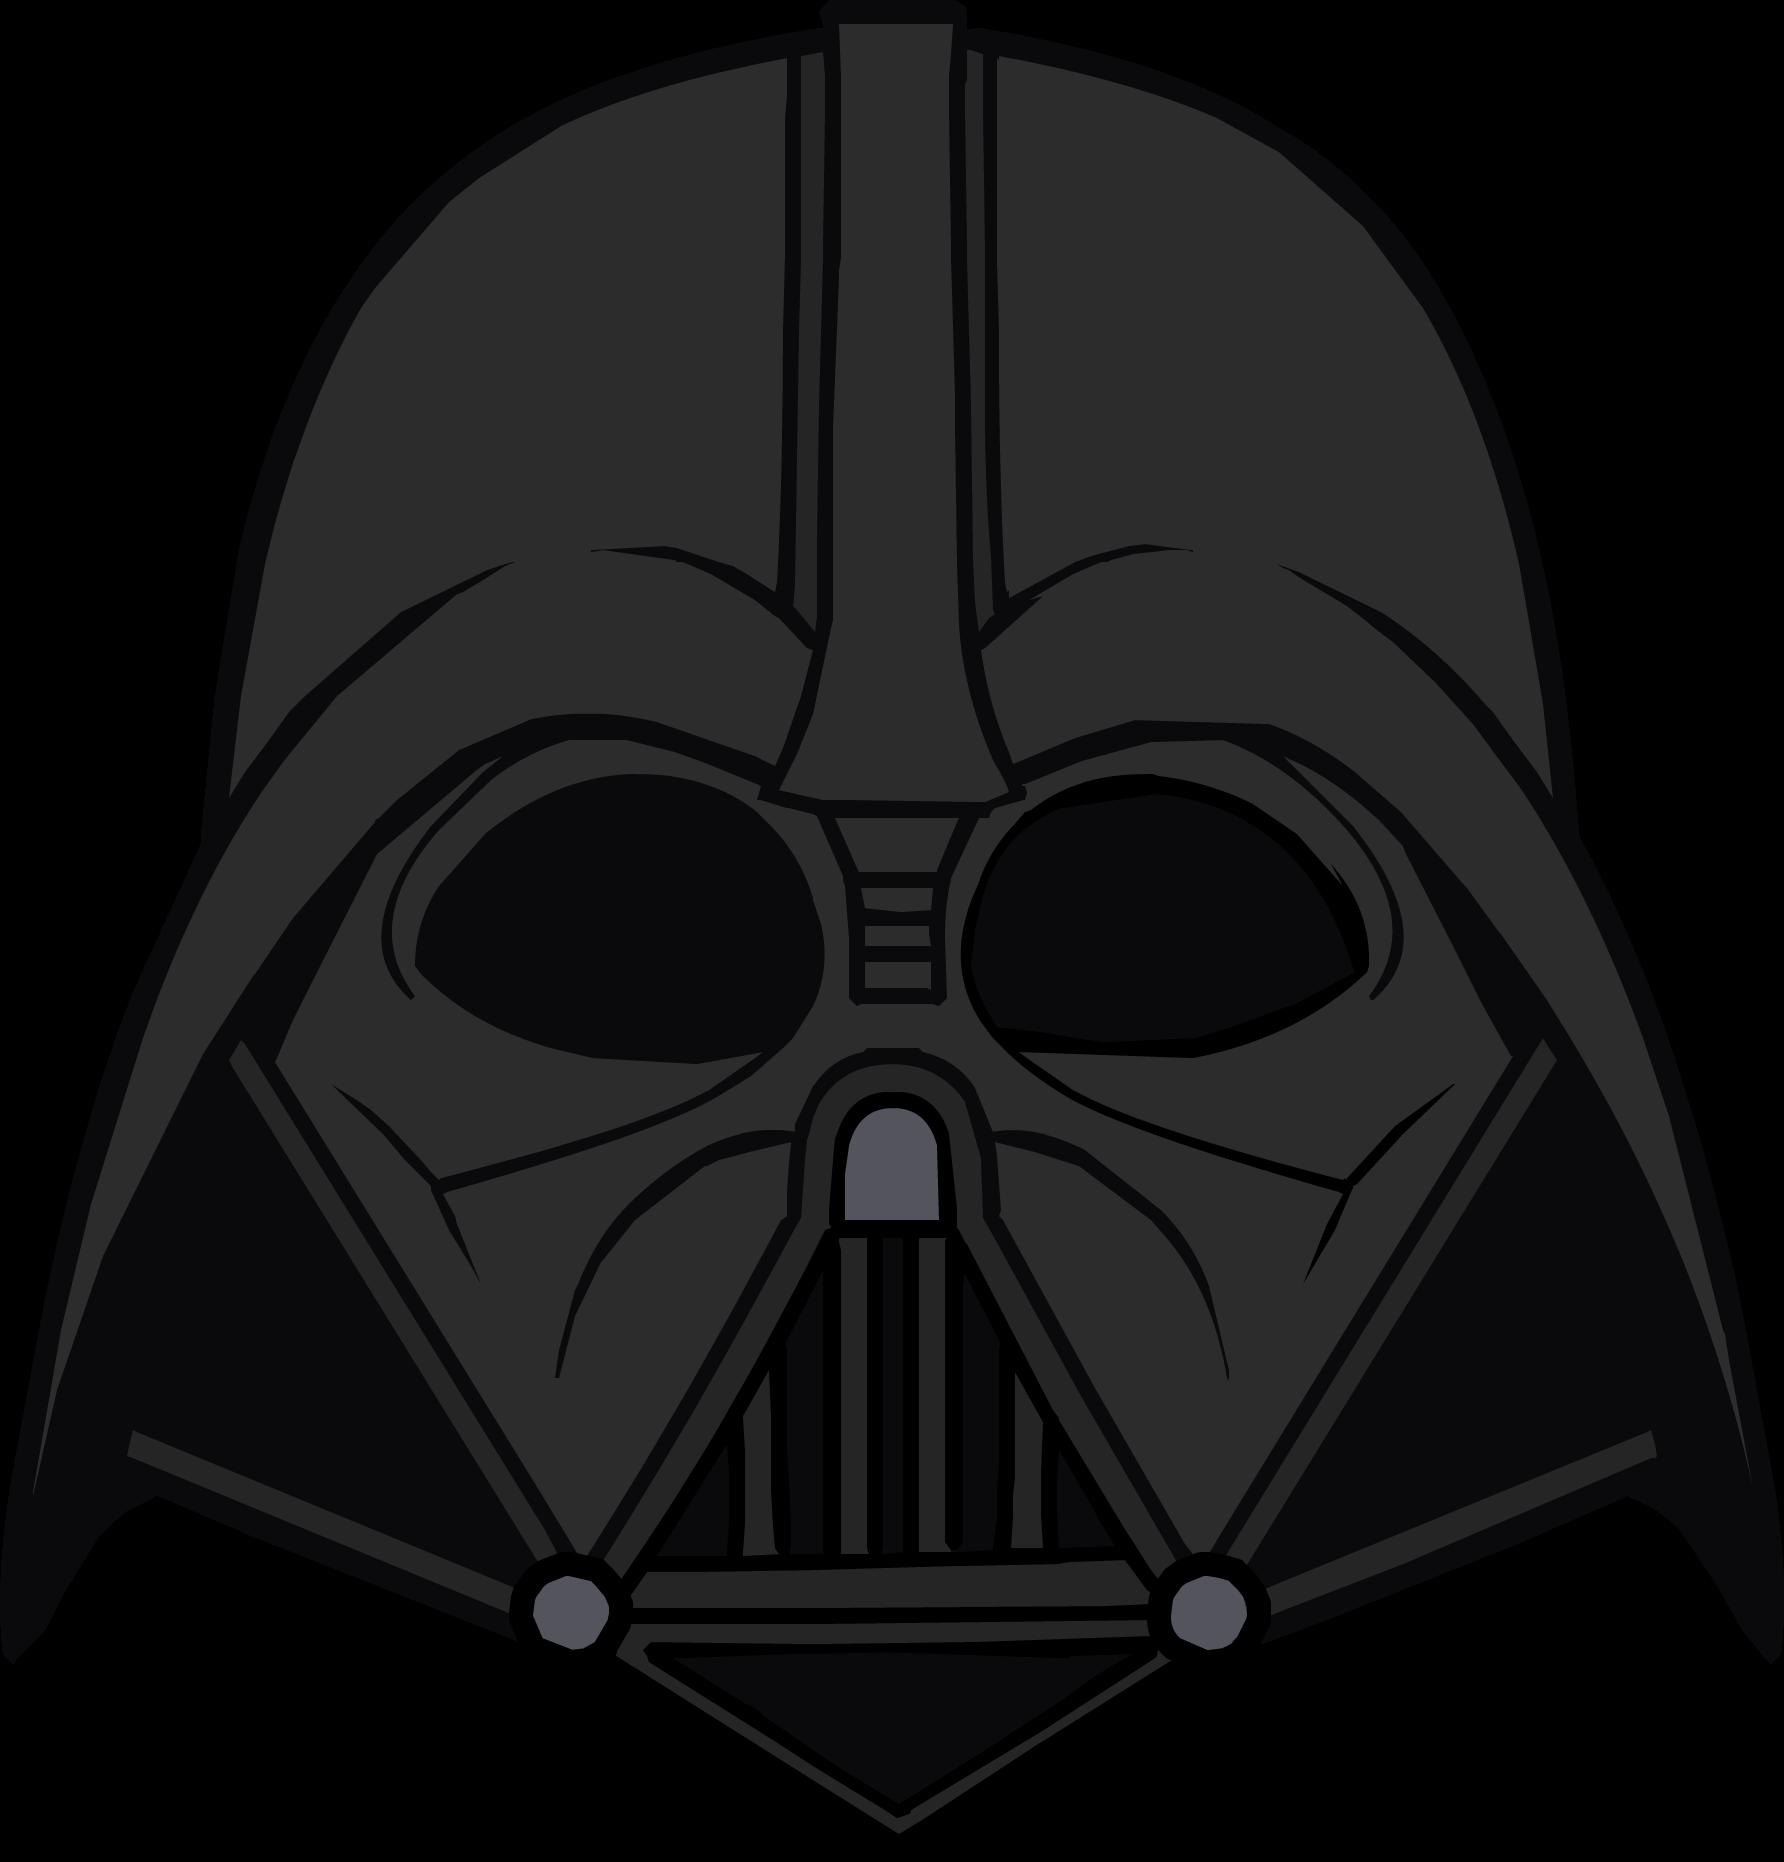 Darth Vader Png Image Darth Vader Clip Art Darth Vader Helmet Darth Vader Icon